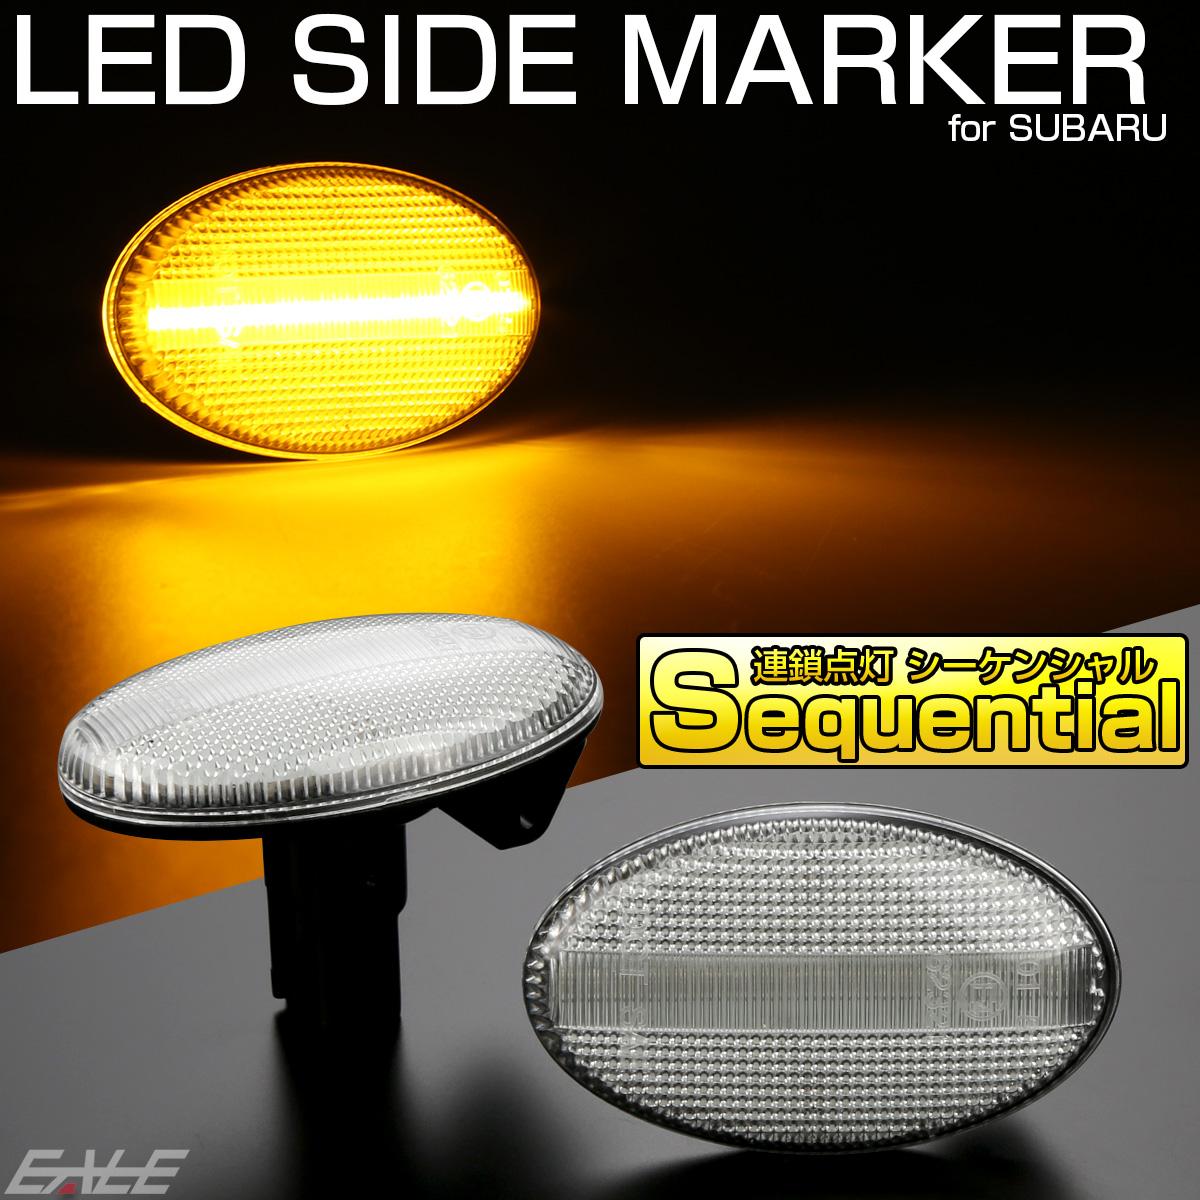 LED サイドマーカー シーケンシャル ウインカー クリア インプレッサ レガシィ フォレスター プレオ サンバー F-541